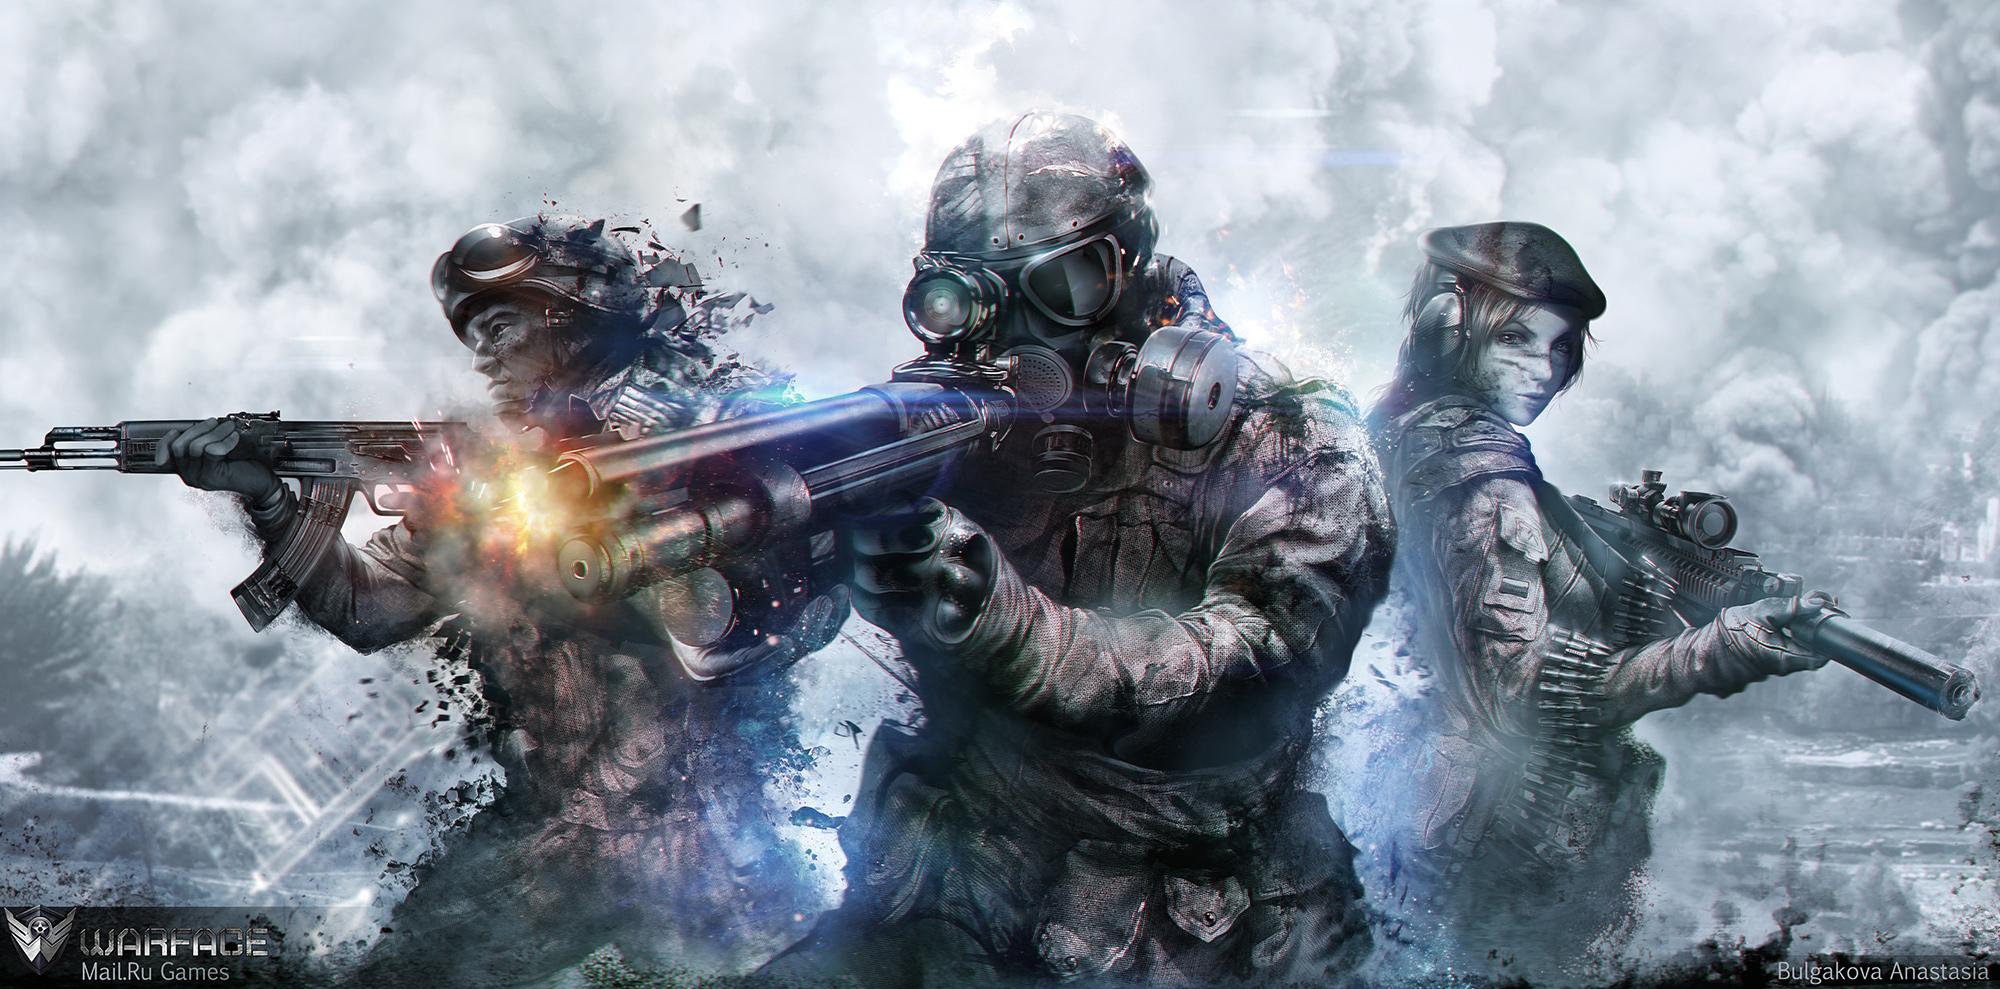 WarFace by Sinto-risky on DeviantArt: http://sinto-risky.deviantart.com/art/WarFace-375642468